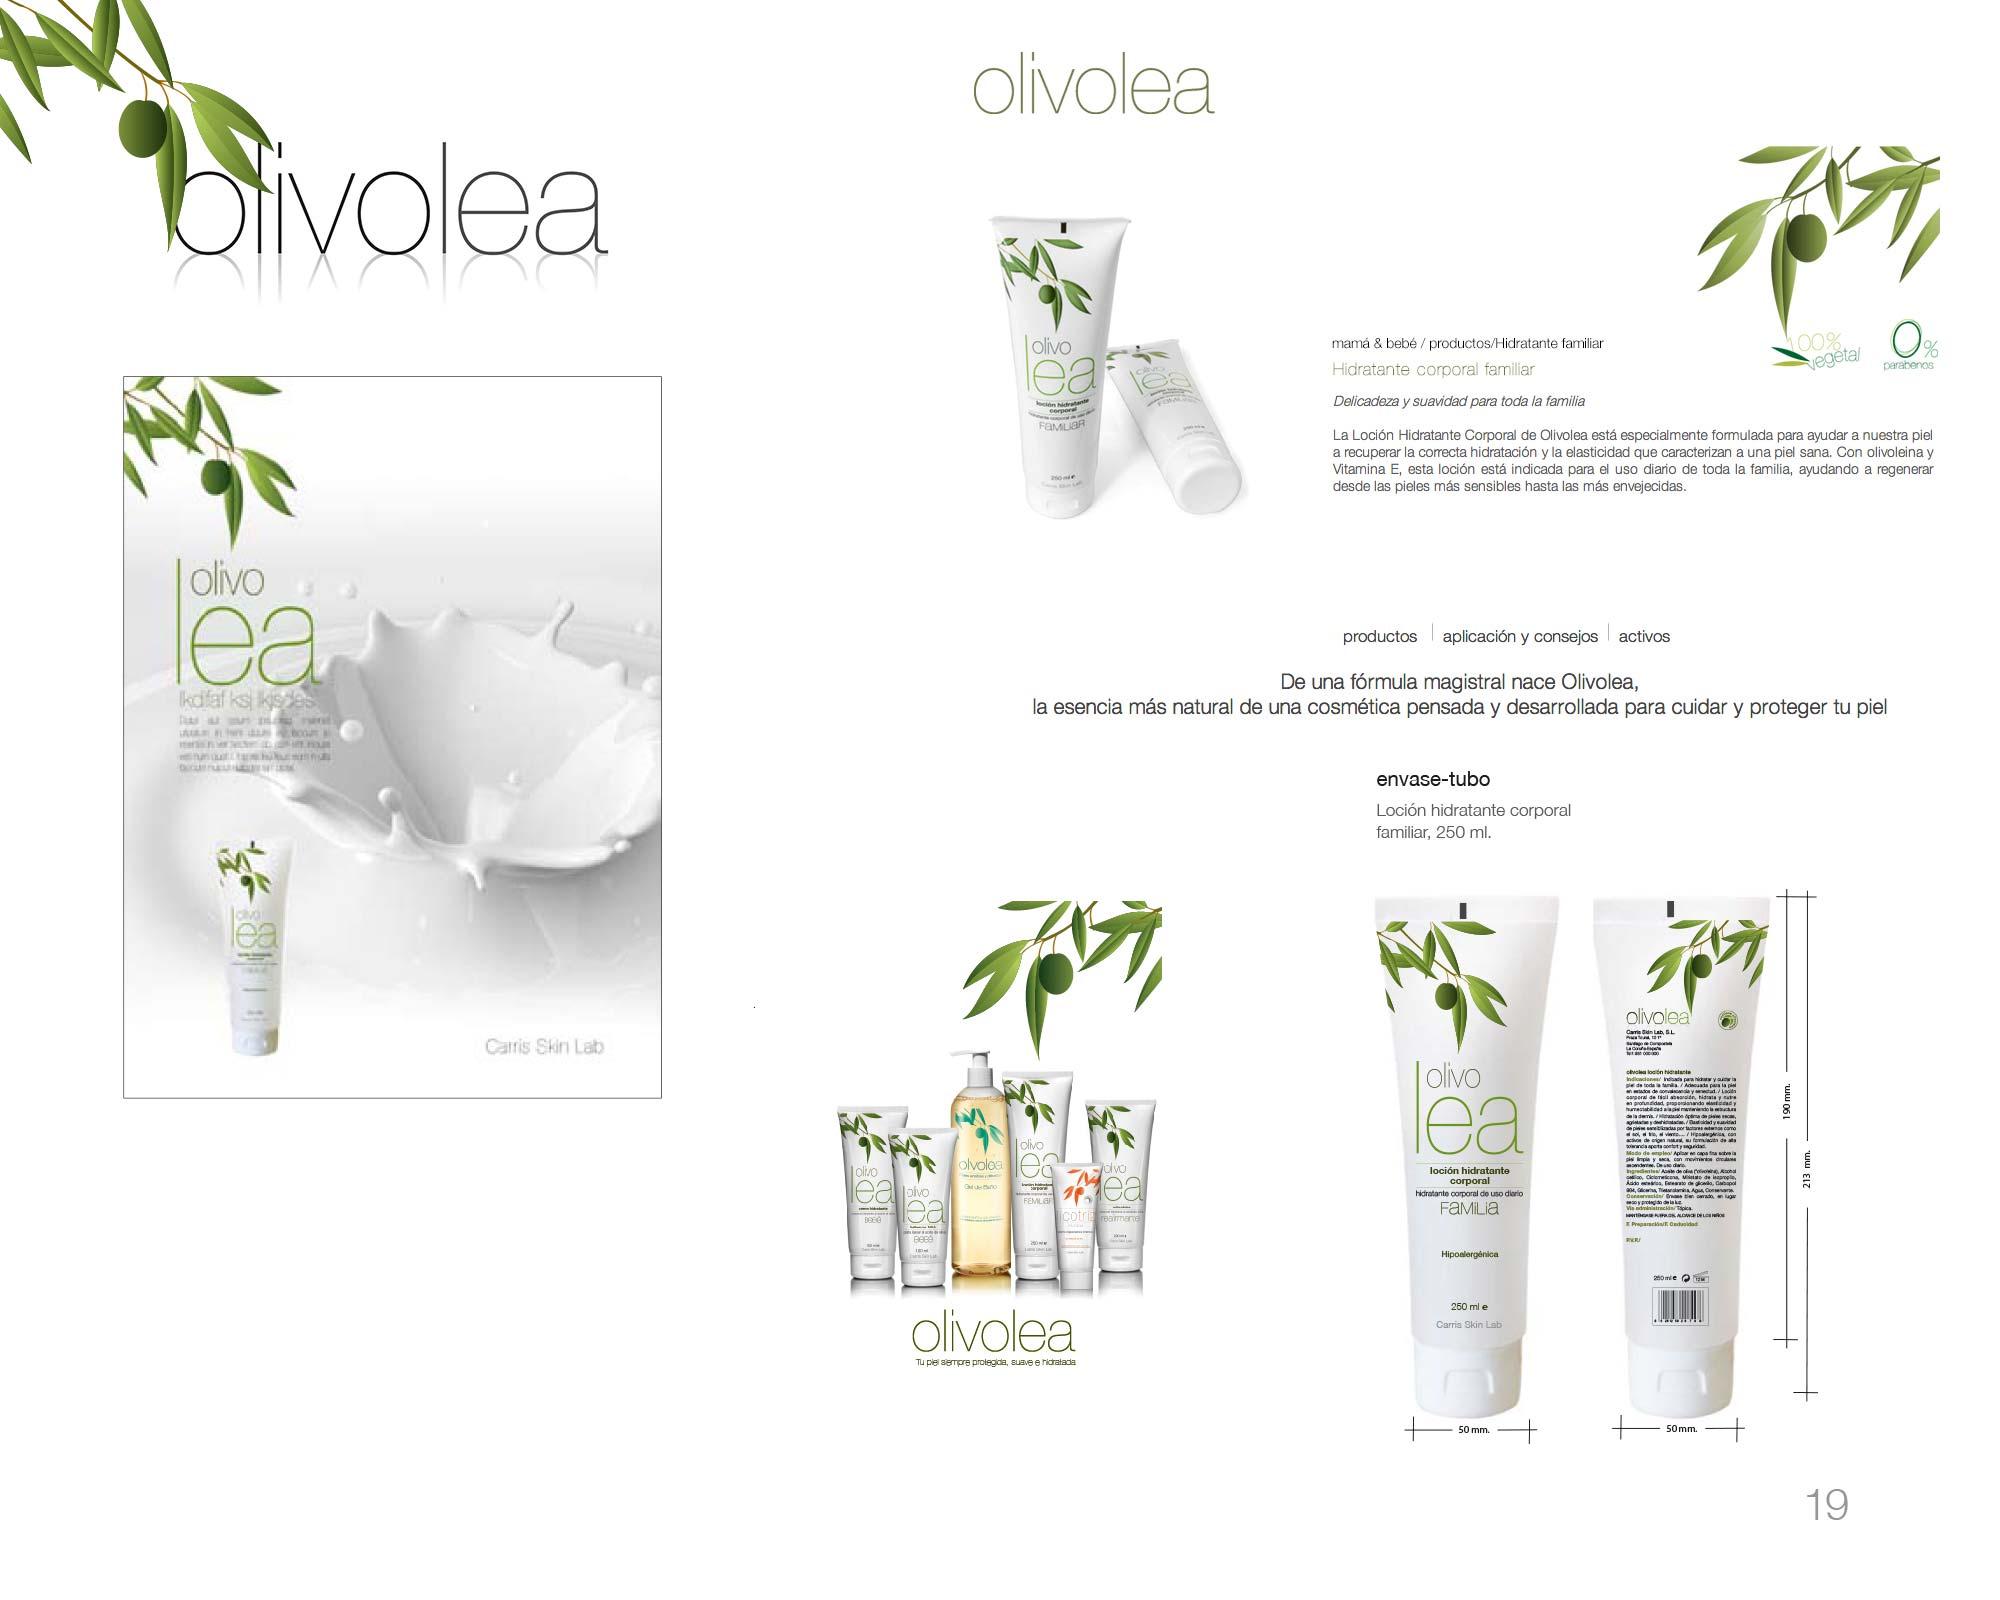 cosmetica olivolea